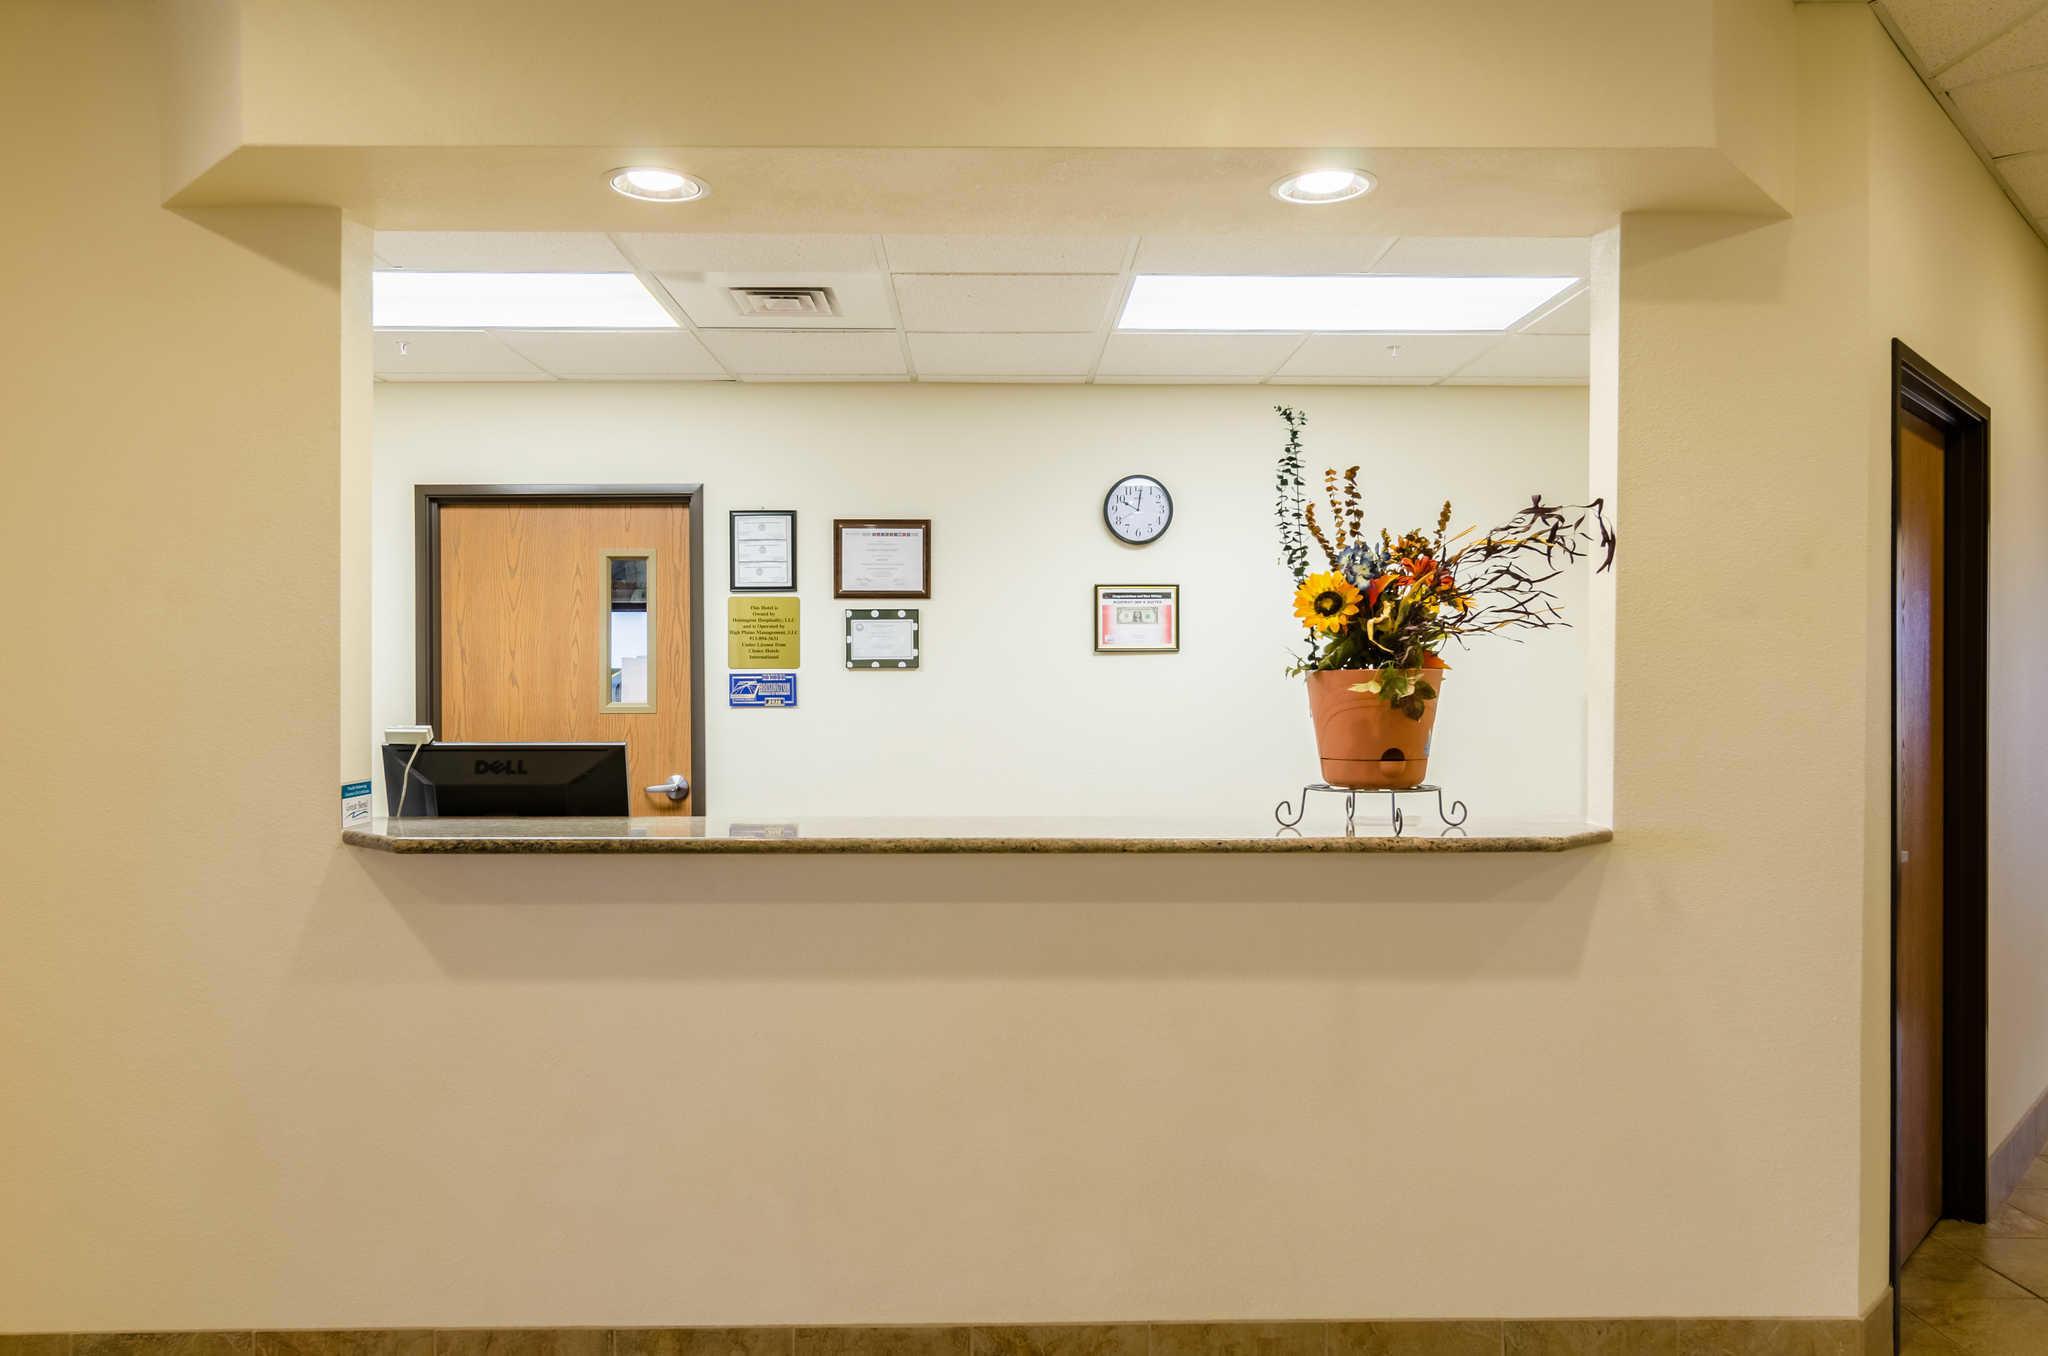 Rodeway Inn & Suites image 4